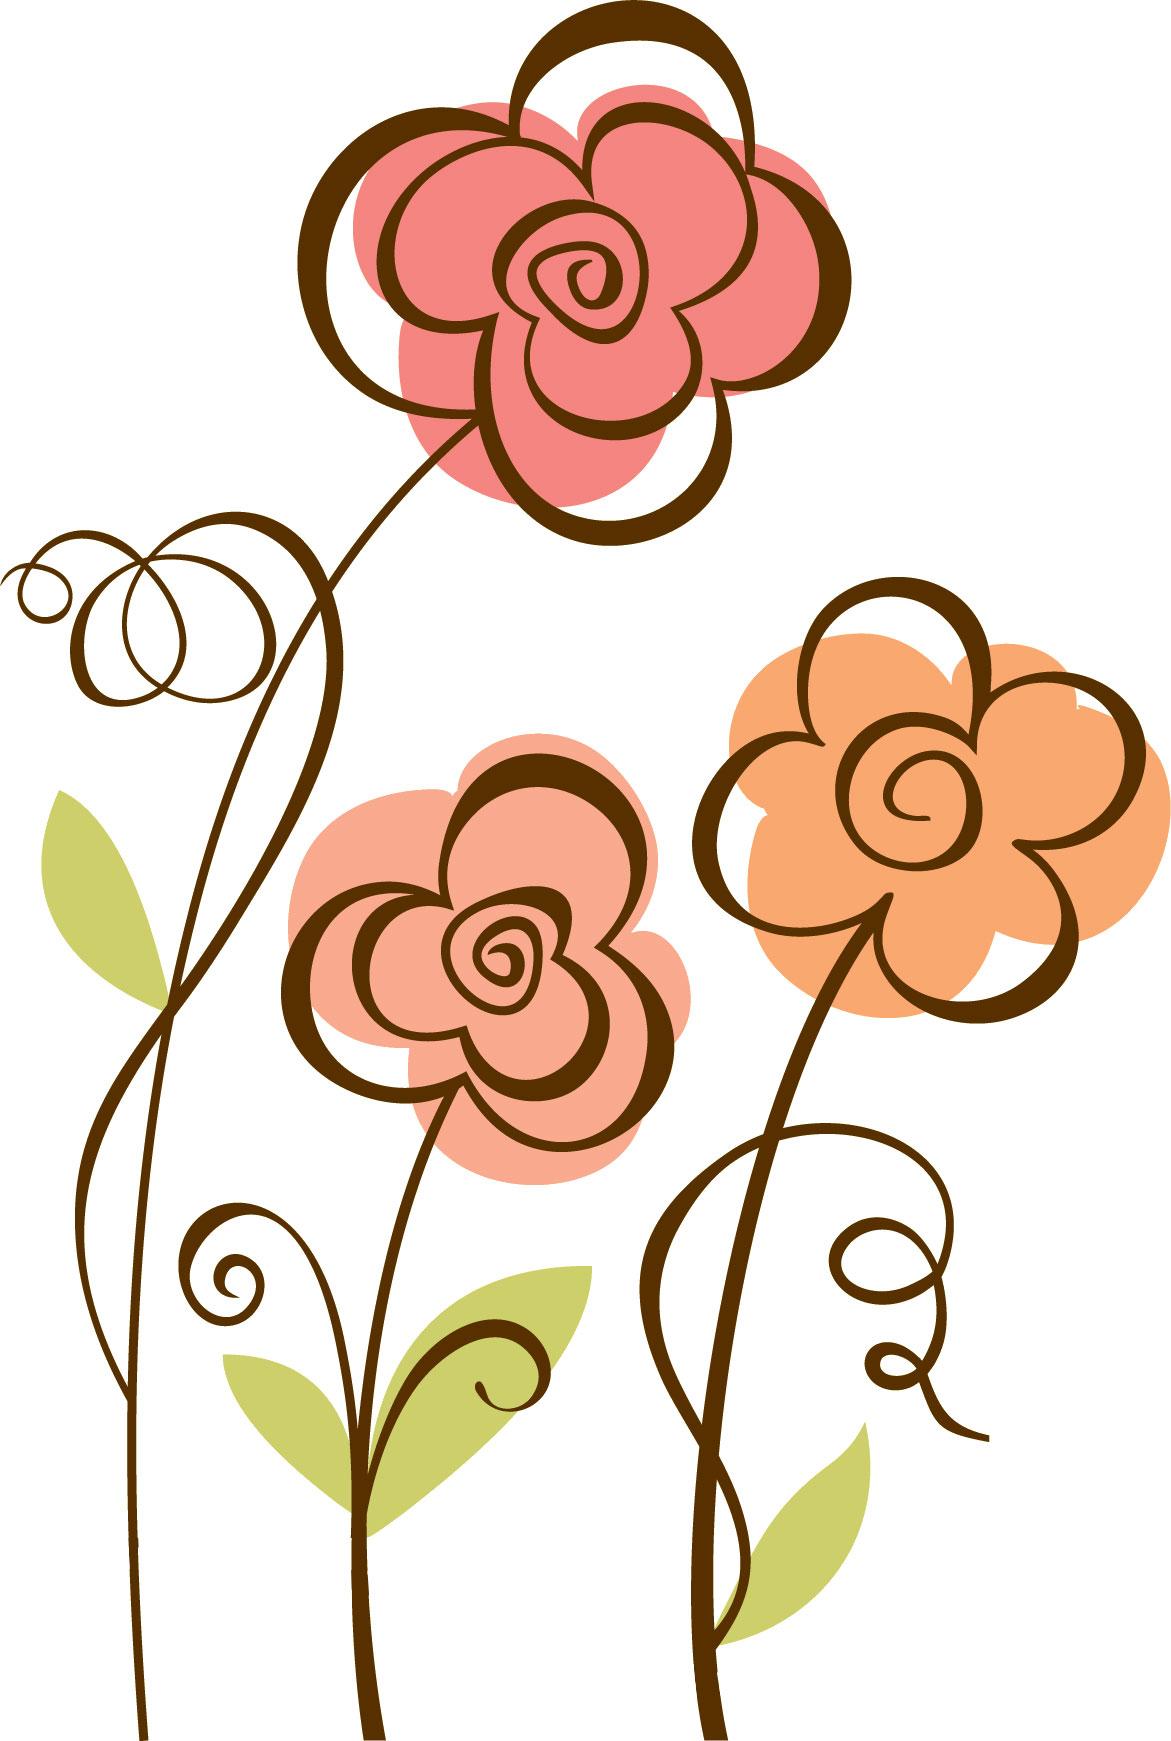 ポップでかわいい花のイラスト・フリー素材/no.023『シンプル・ぐるぐる』